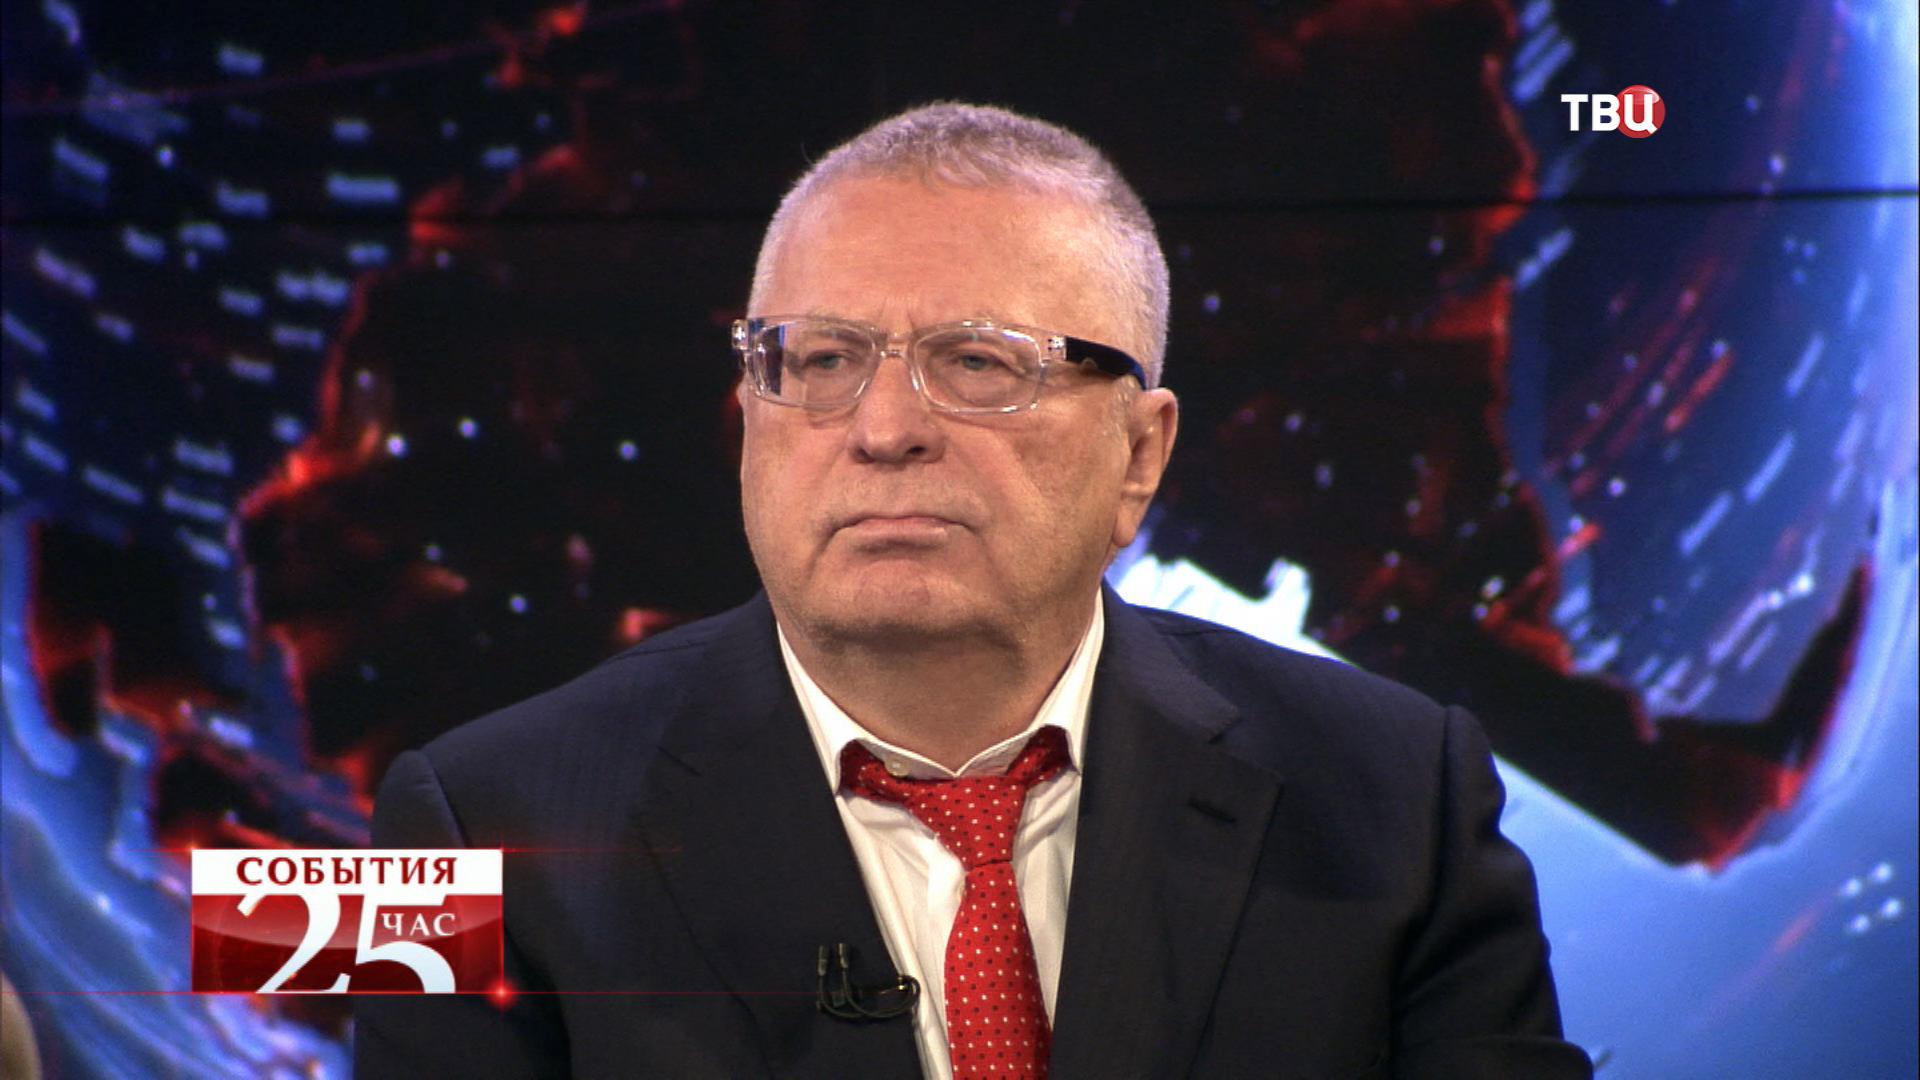 Владимир Жириновский, руководитель фракции ЛДПР в Госдуме